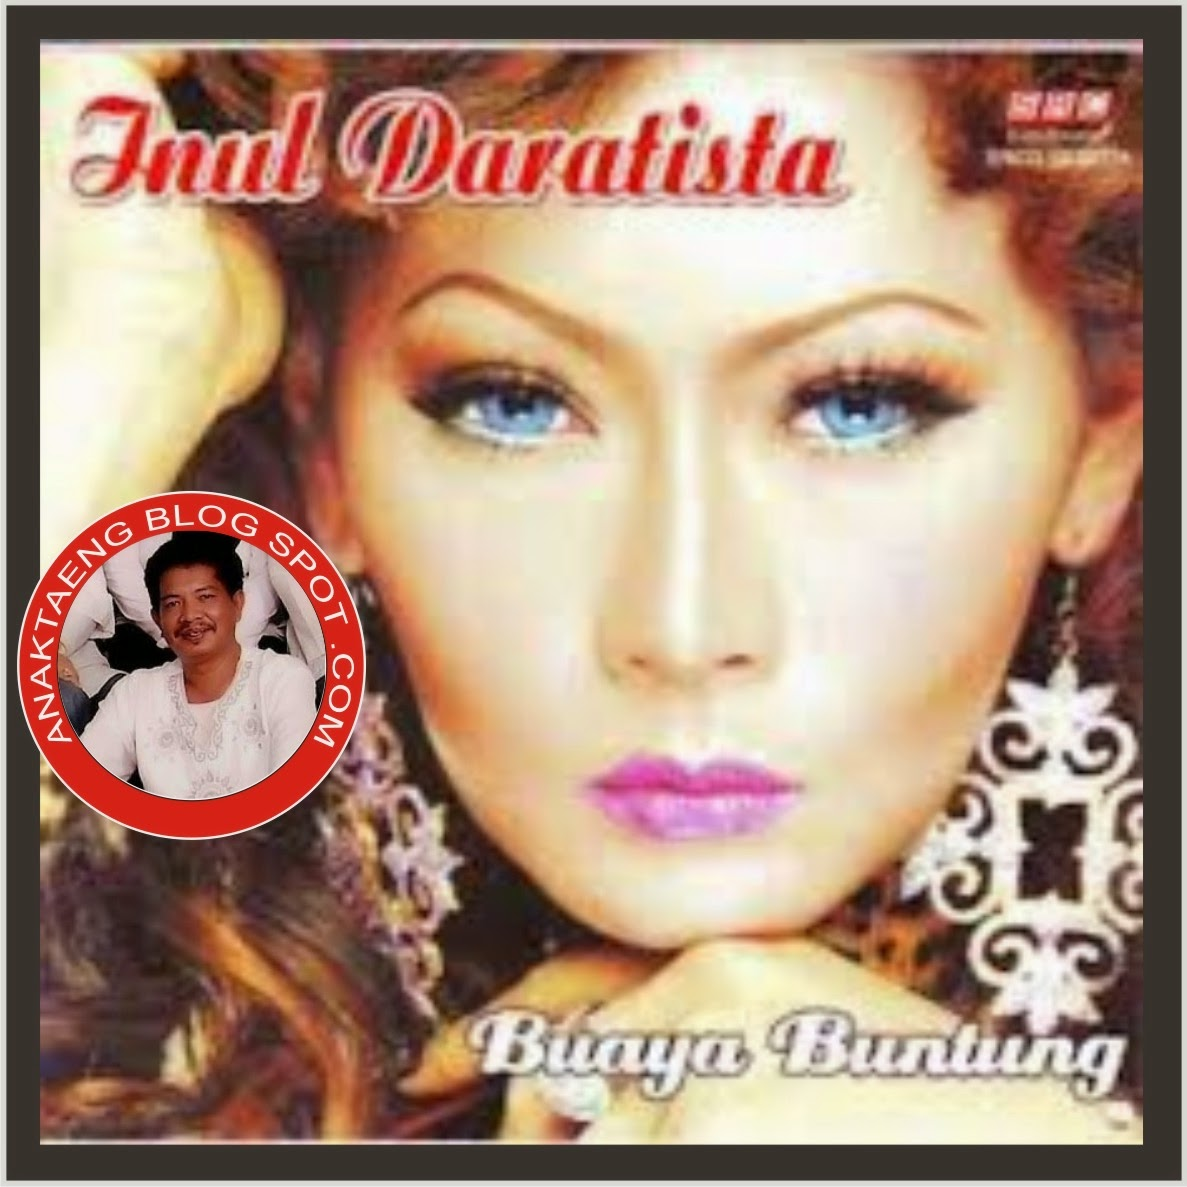 Download Lagu Dangdut Meraih Bintang: Download Lagu Untuk Dikenang (by Anak Taeng): Inul